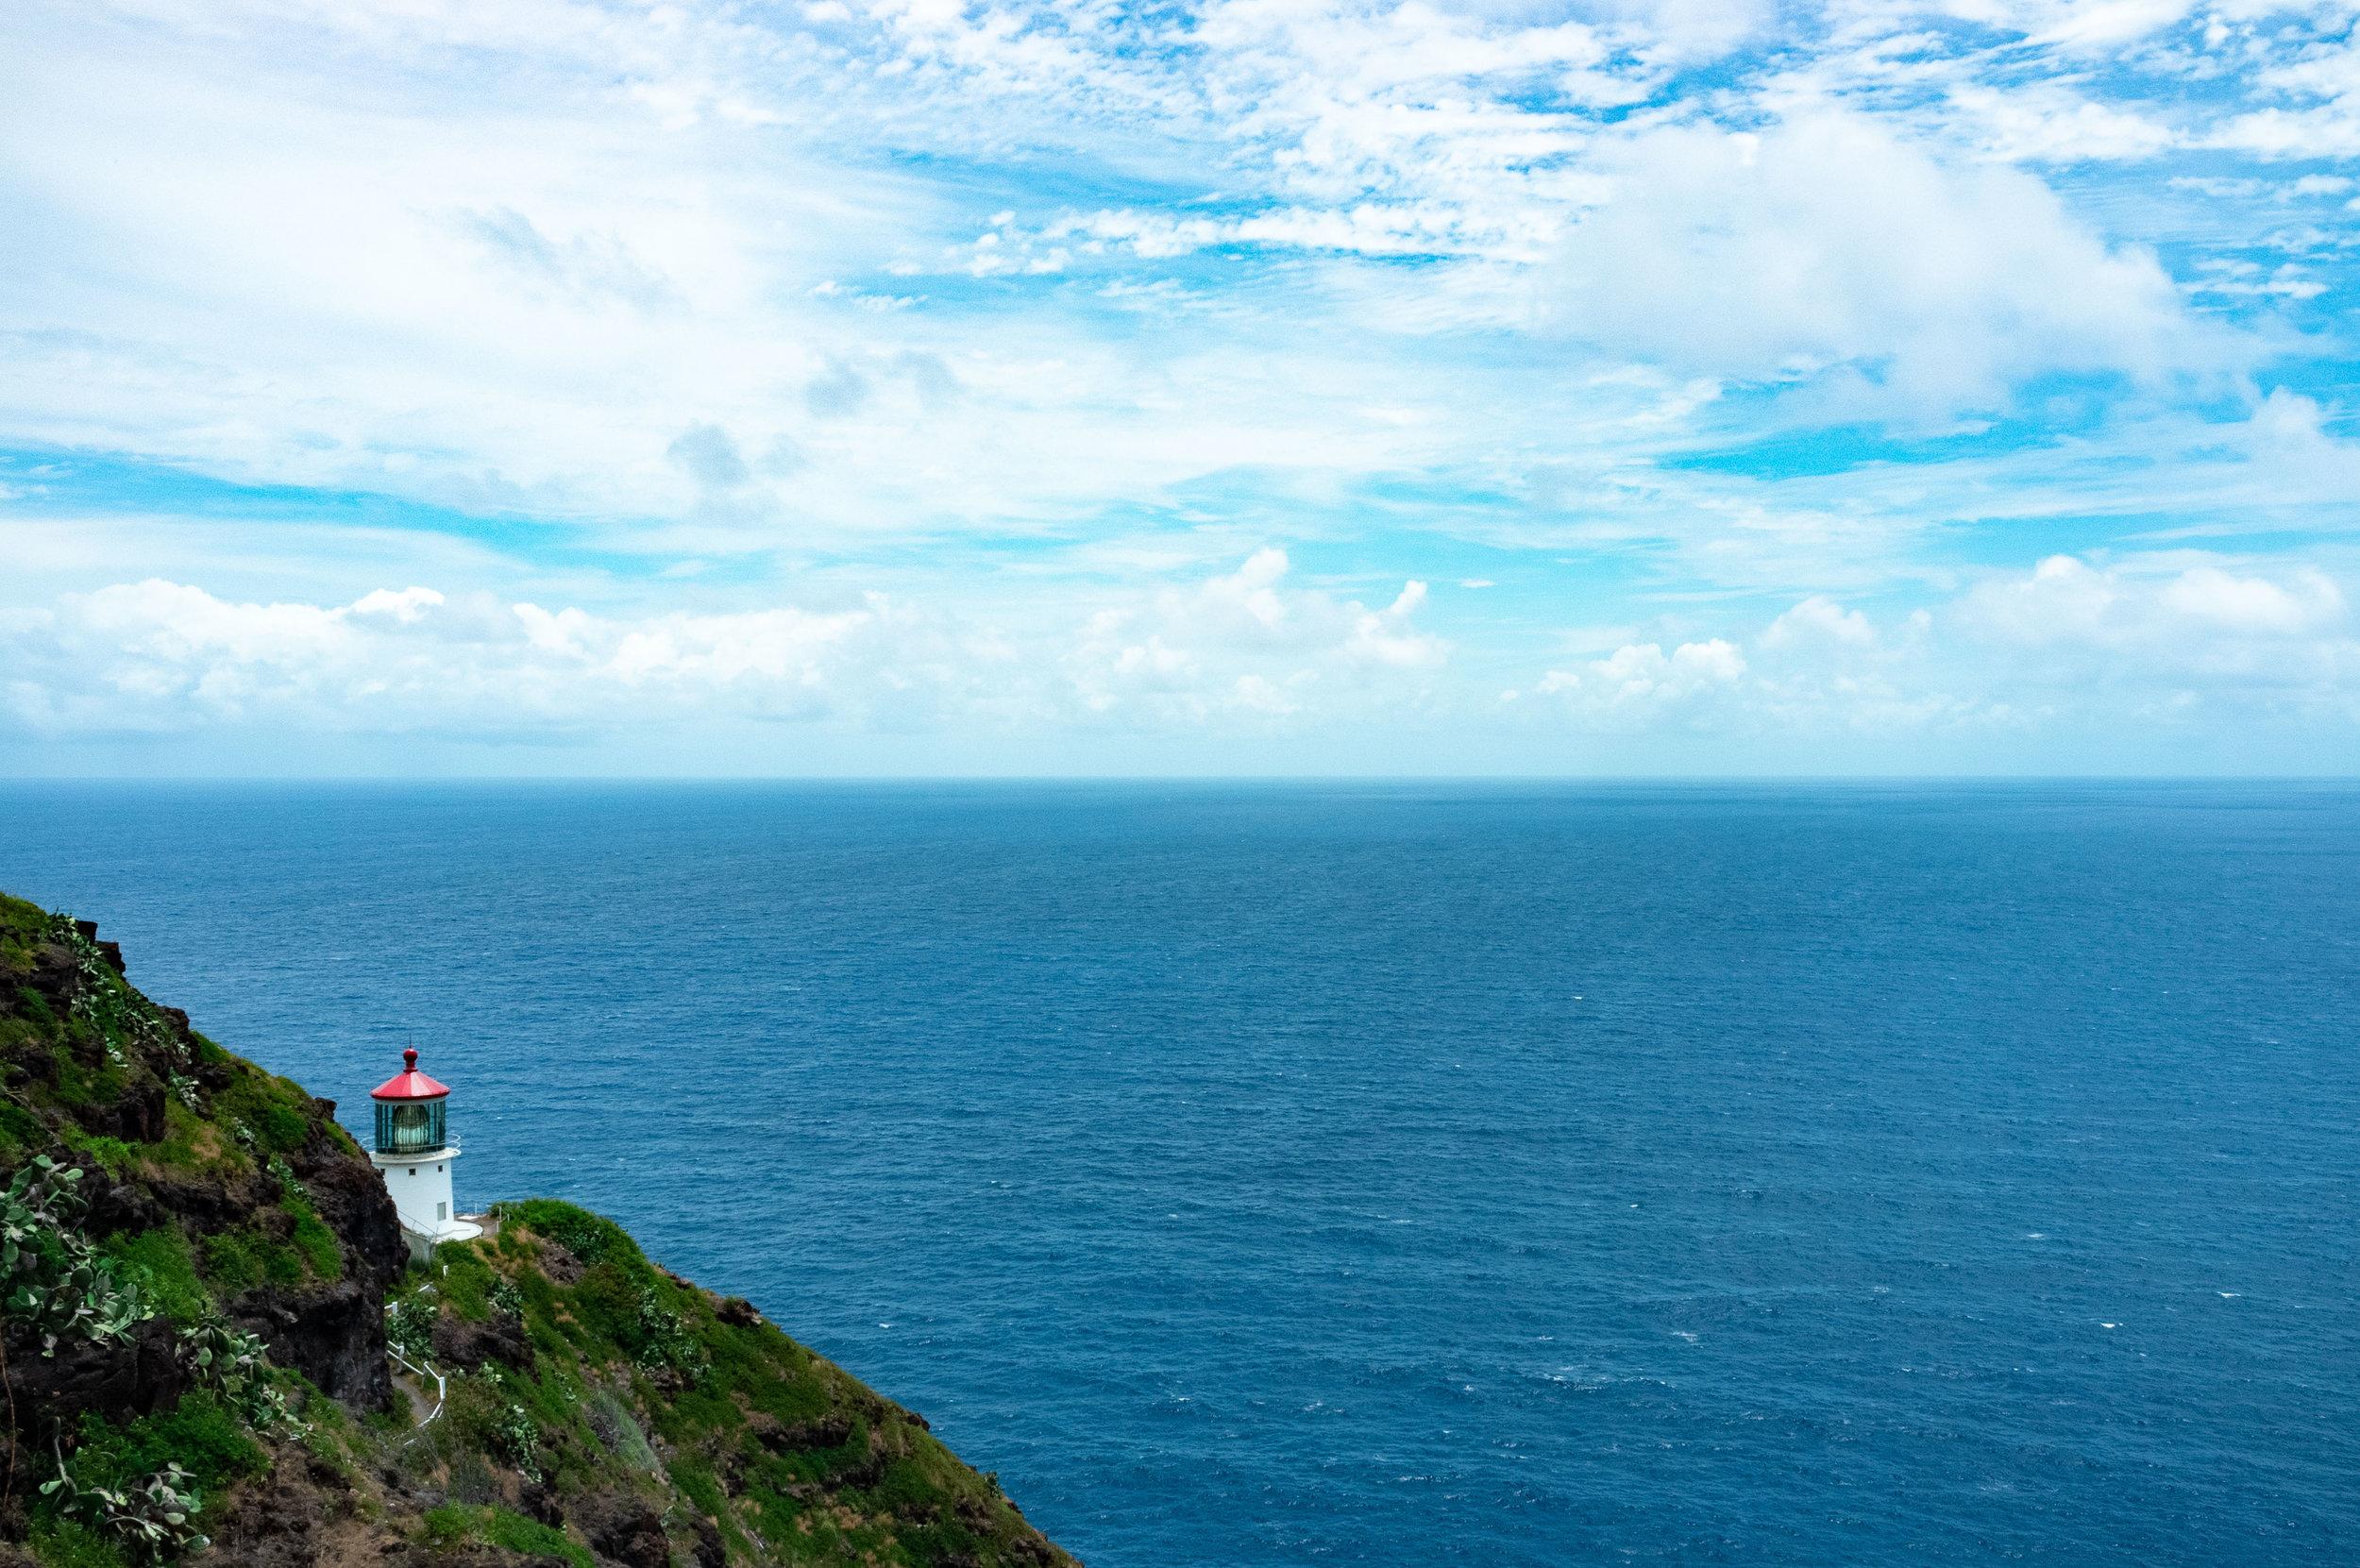 Makapu'u Point Lighthouse 2